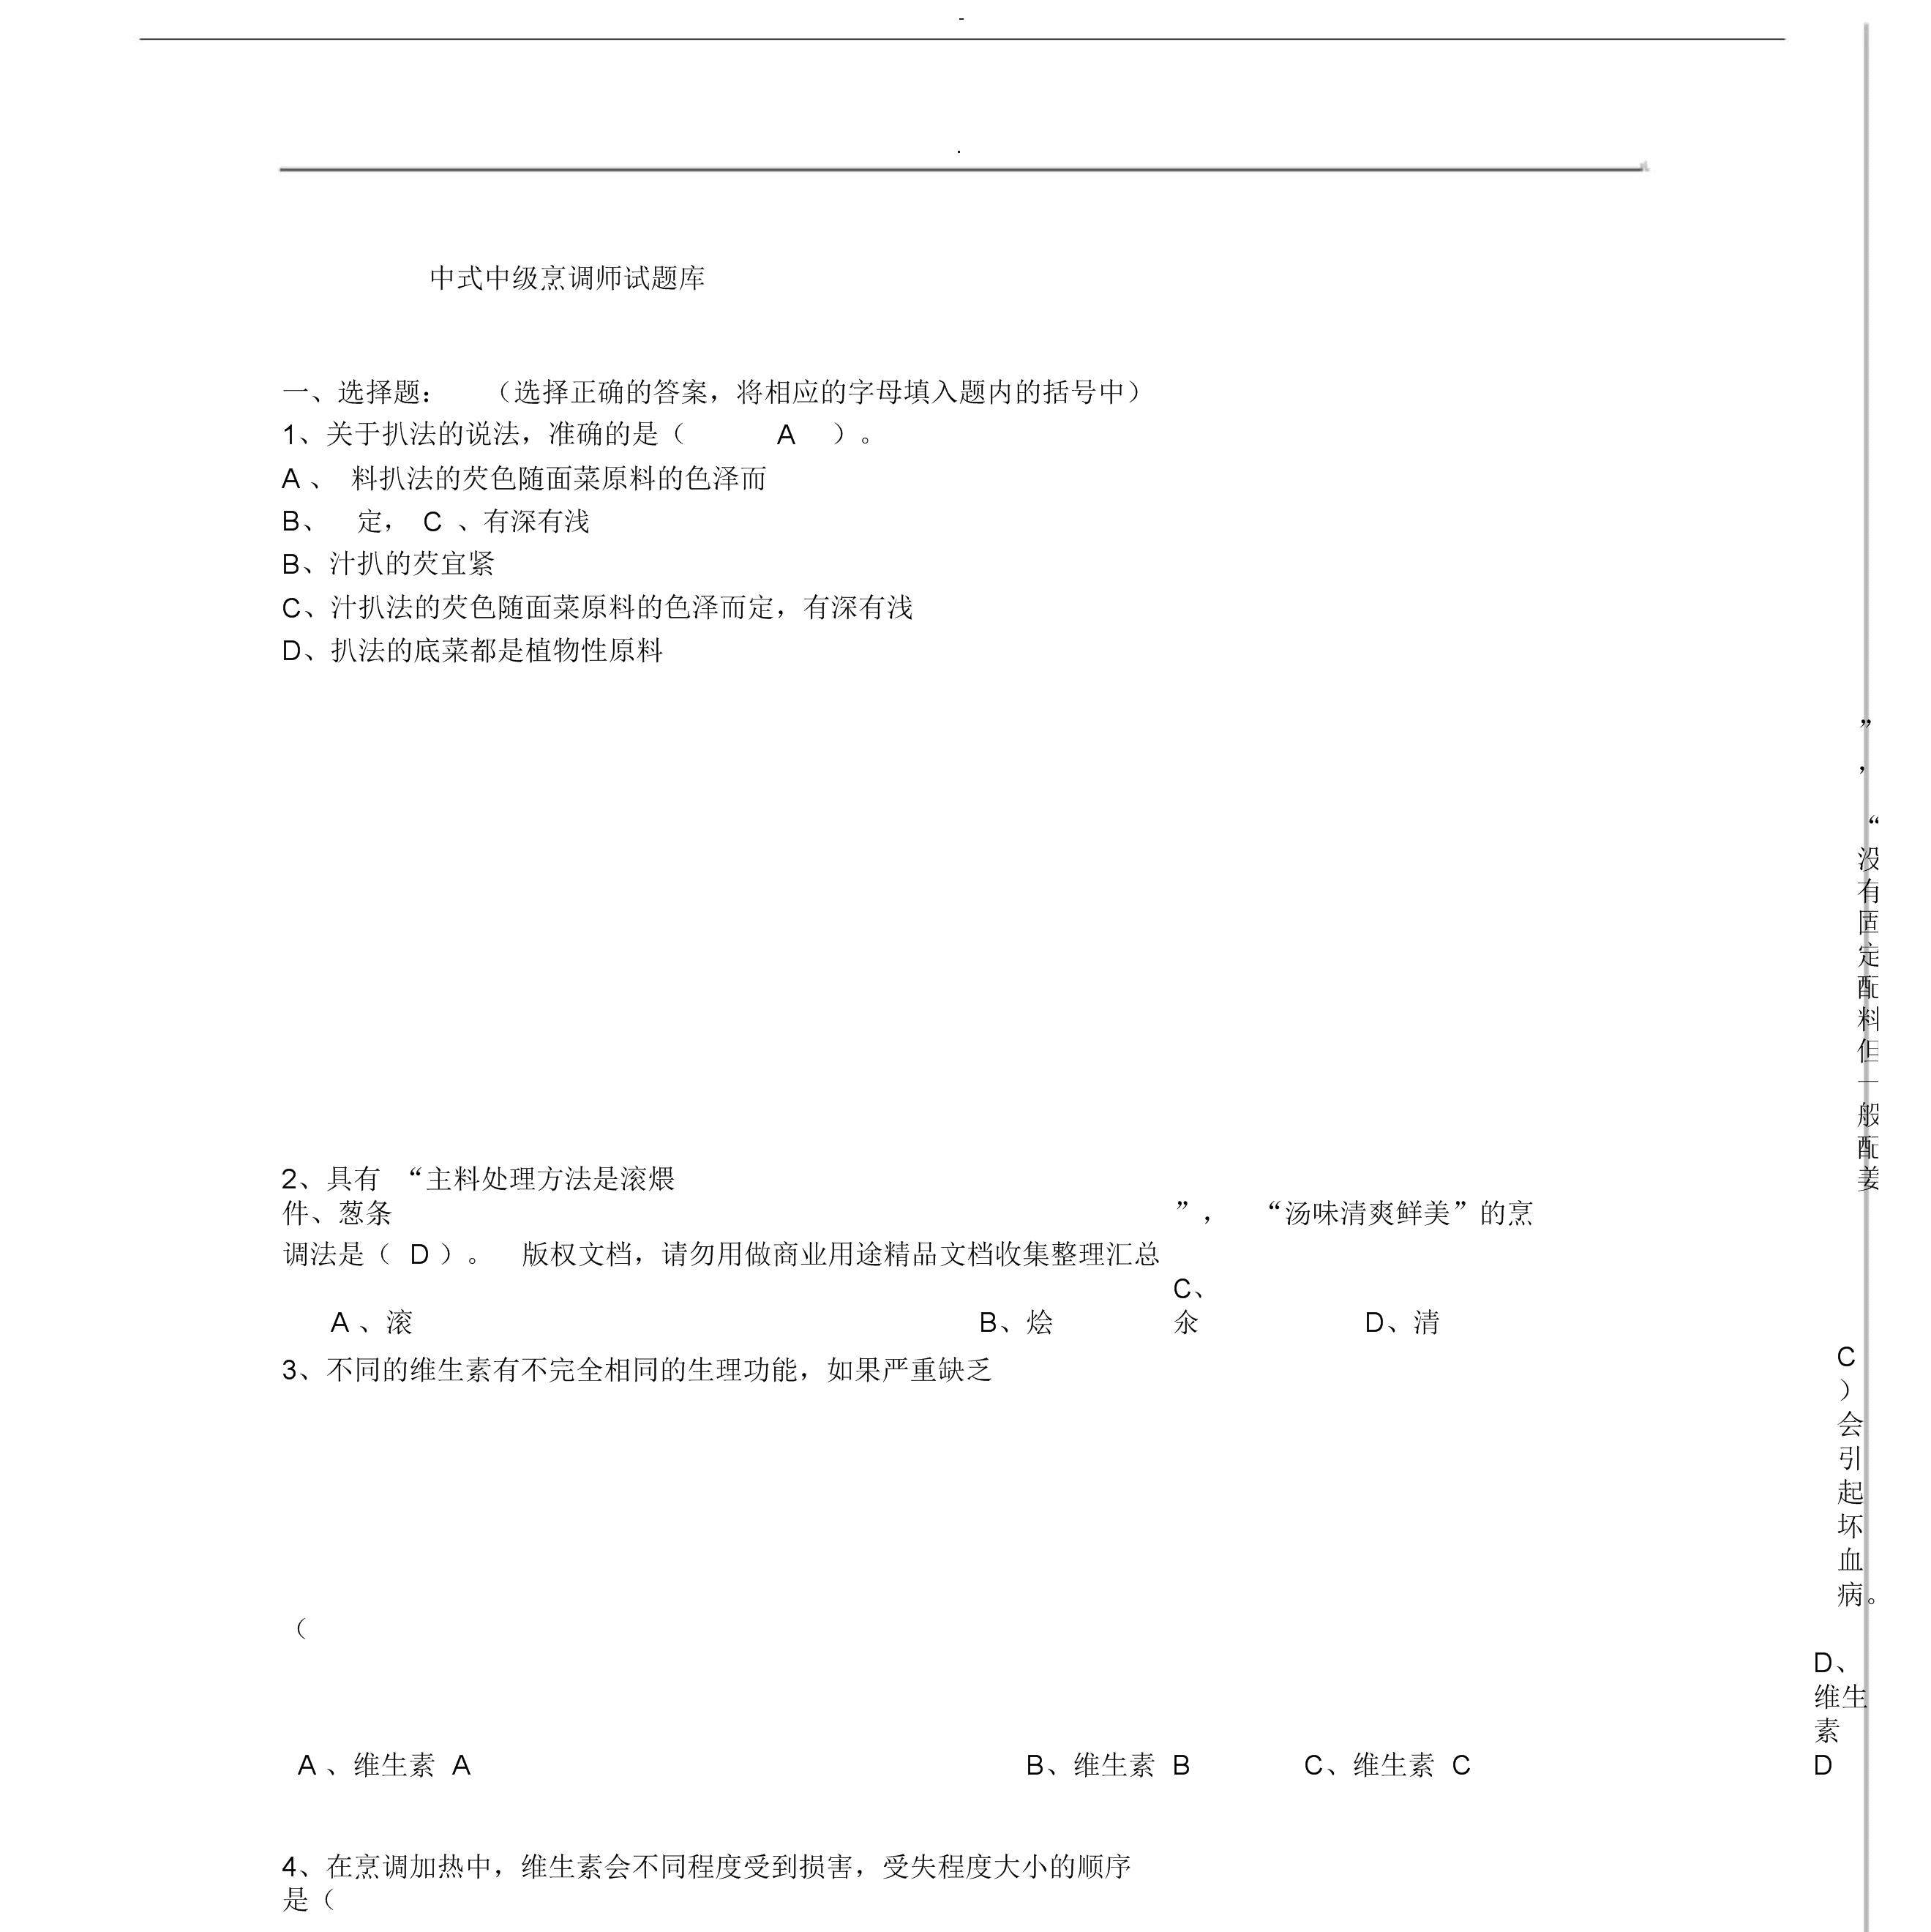 中中式烹调师考试卷试题库与包括答案.docx